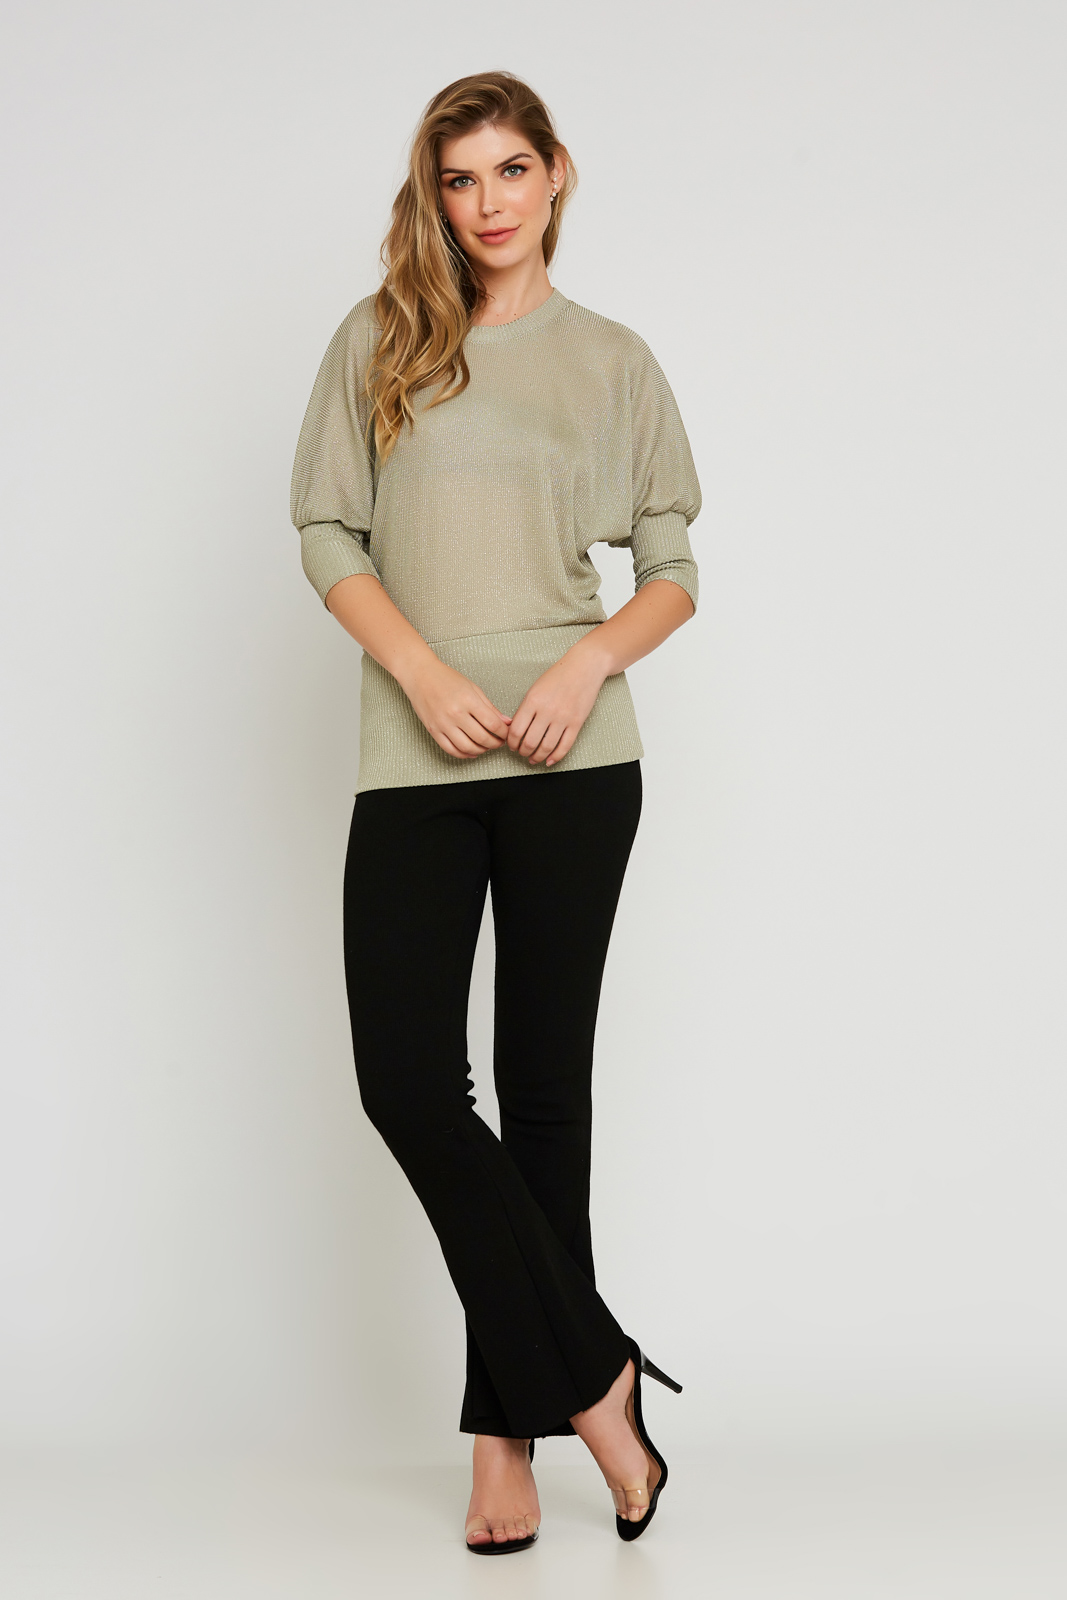 Blusa cós alto tricot - Dourado